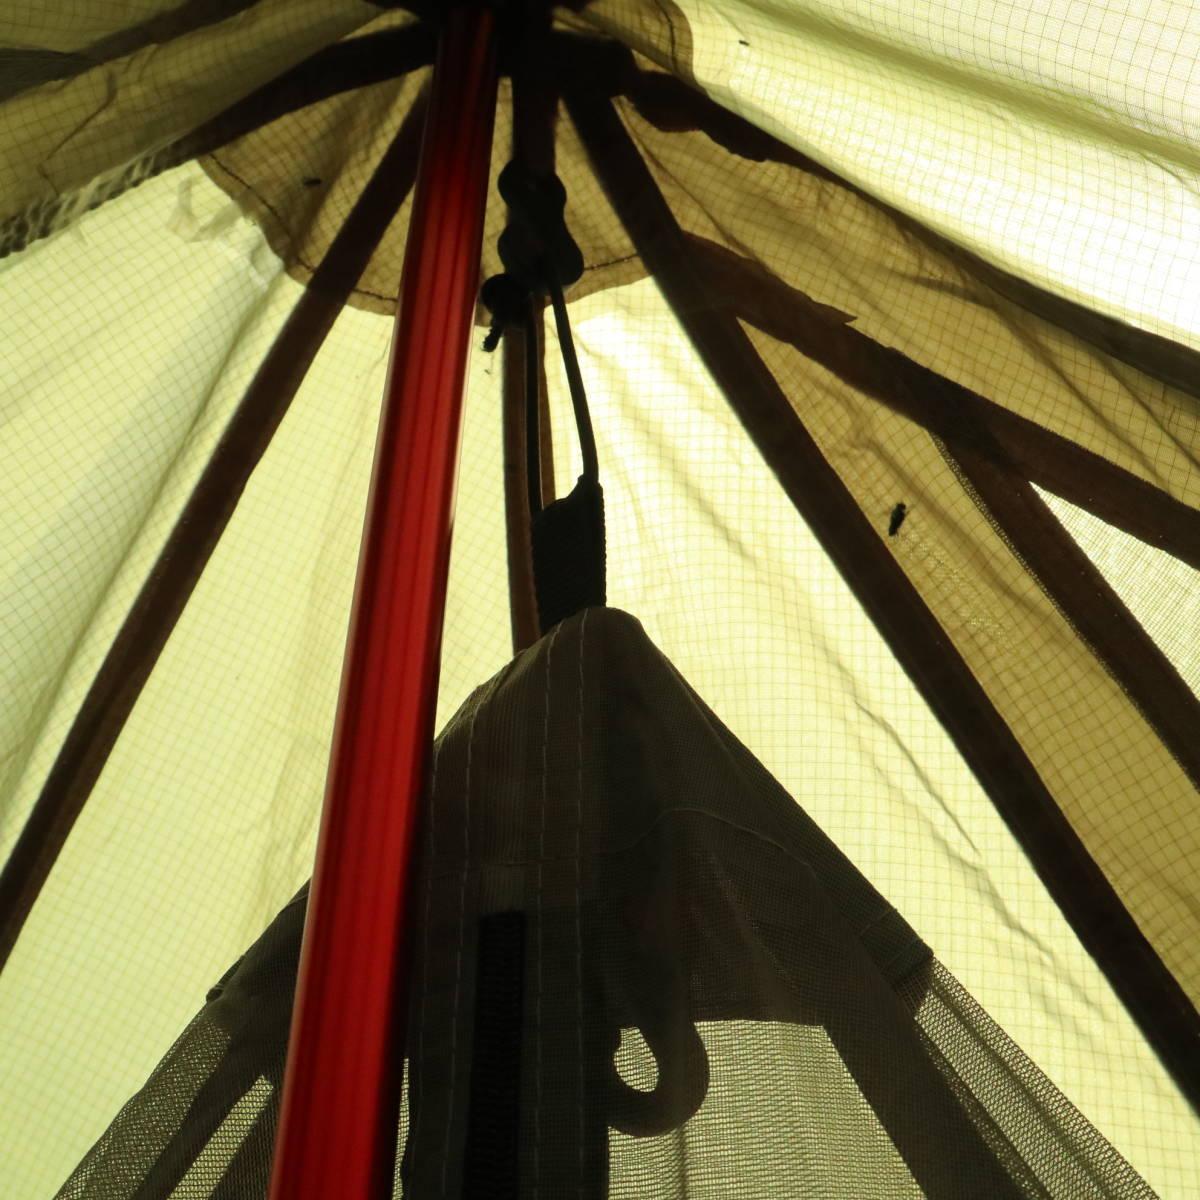 【国内発送・送料無料】 ハーフサイズ メッシュインナー ワンポールテント用 タップテント用 ソロキャンプ 蚊帳 《PayPay対応》